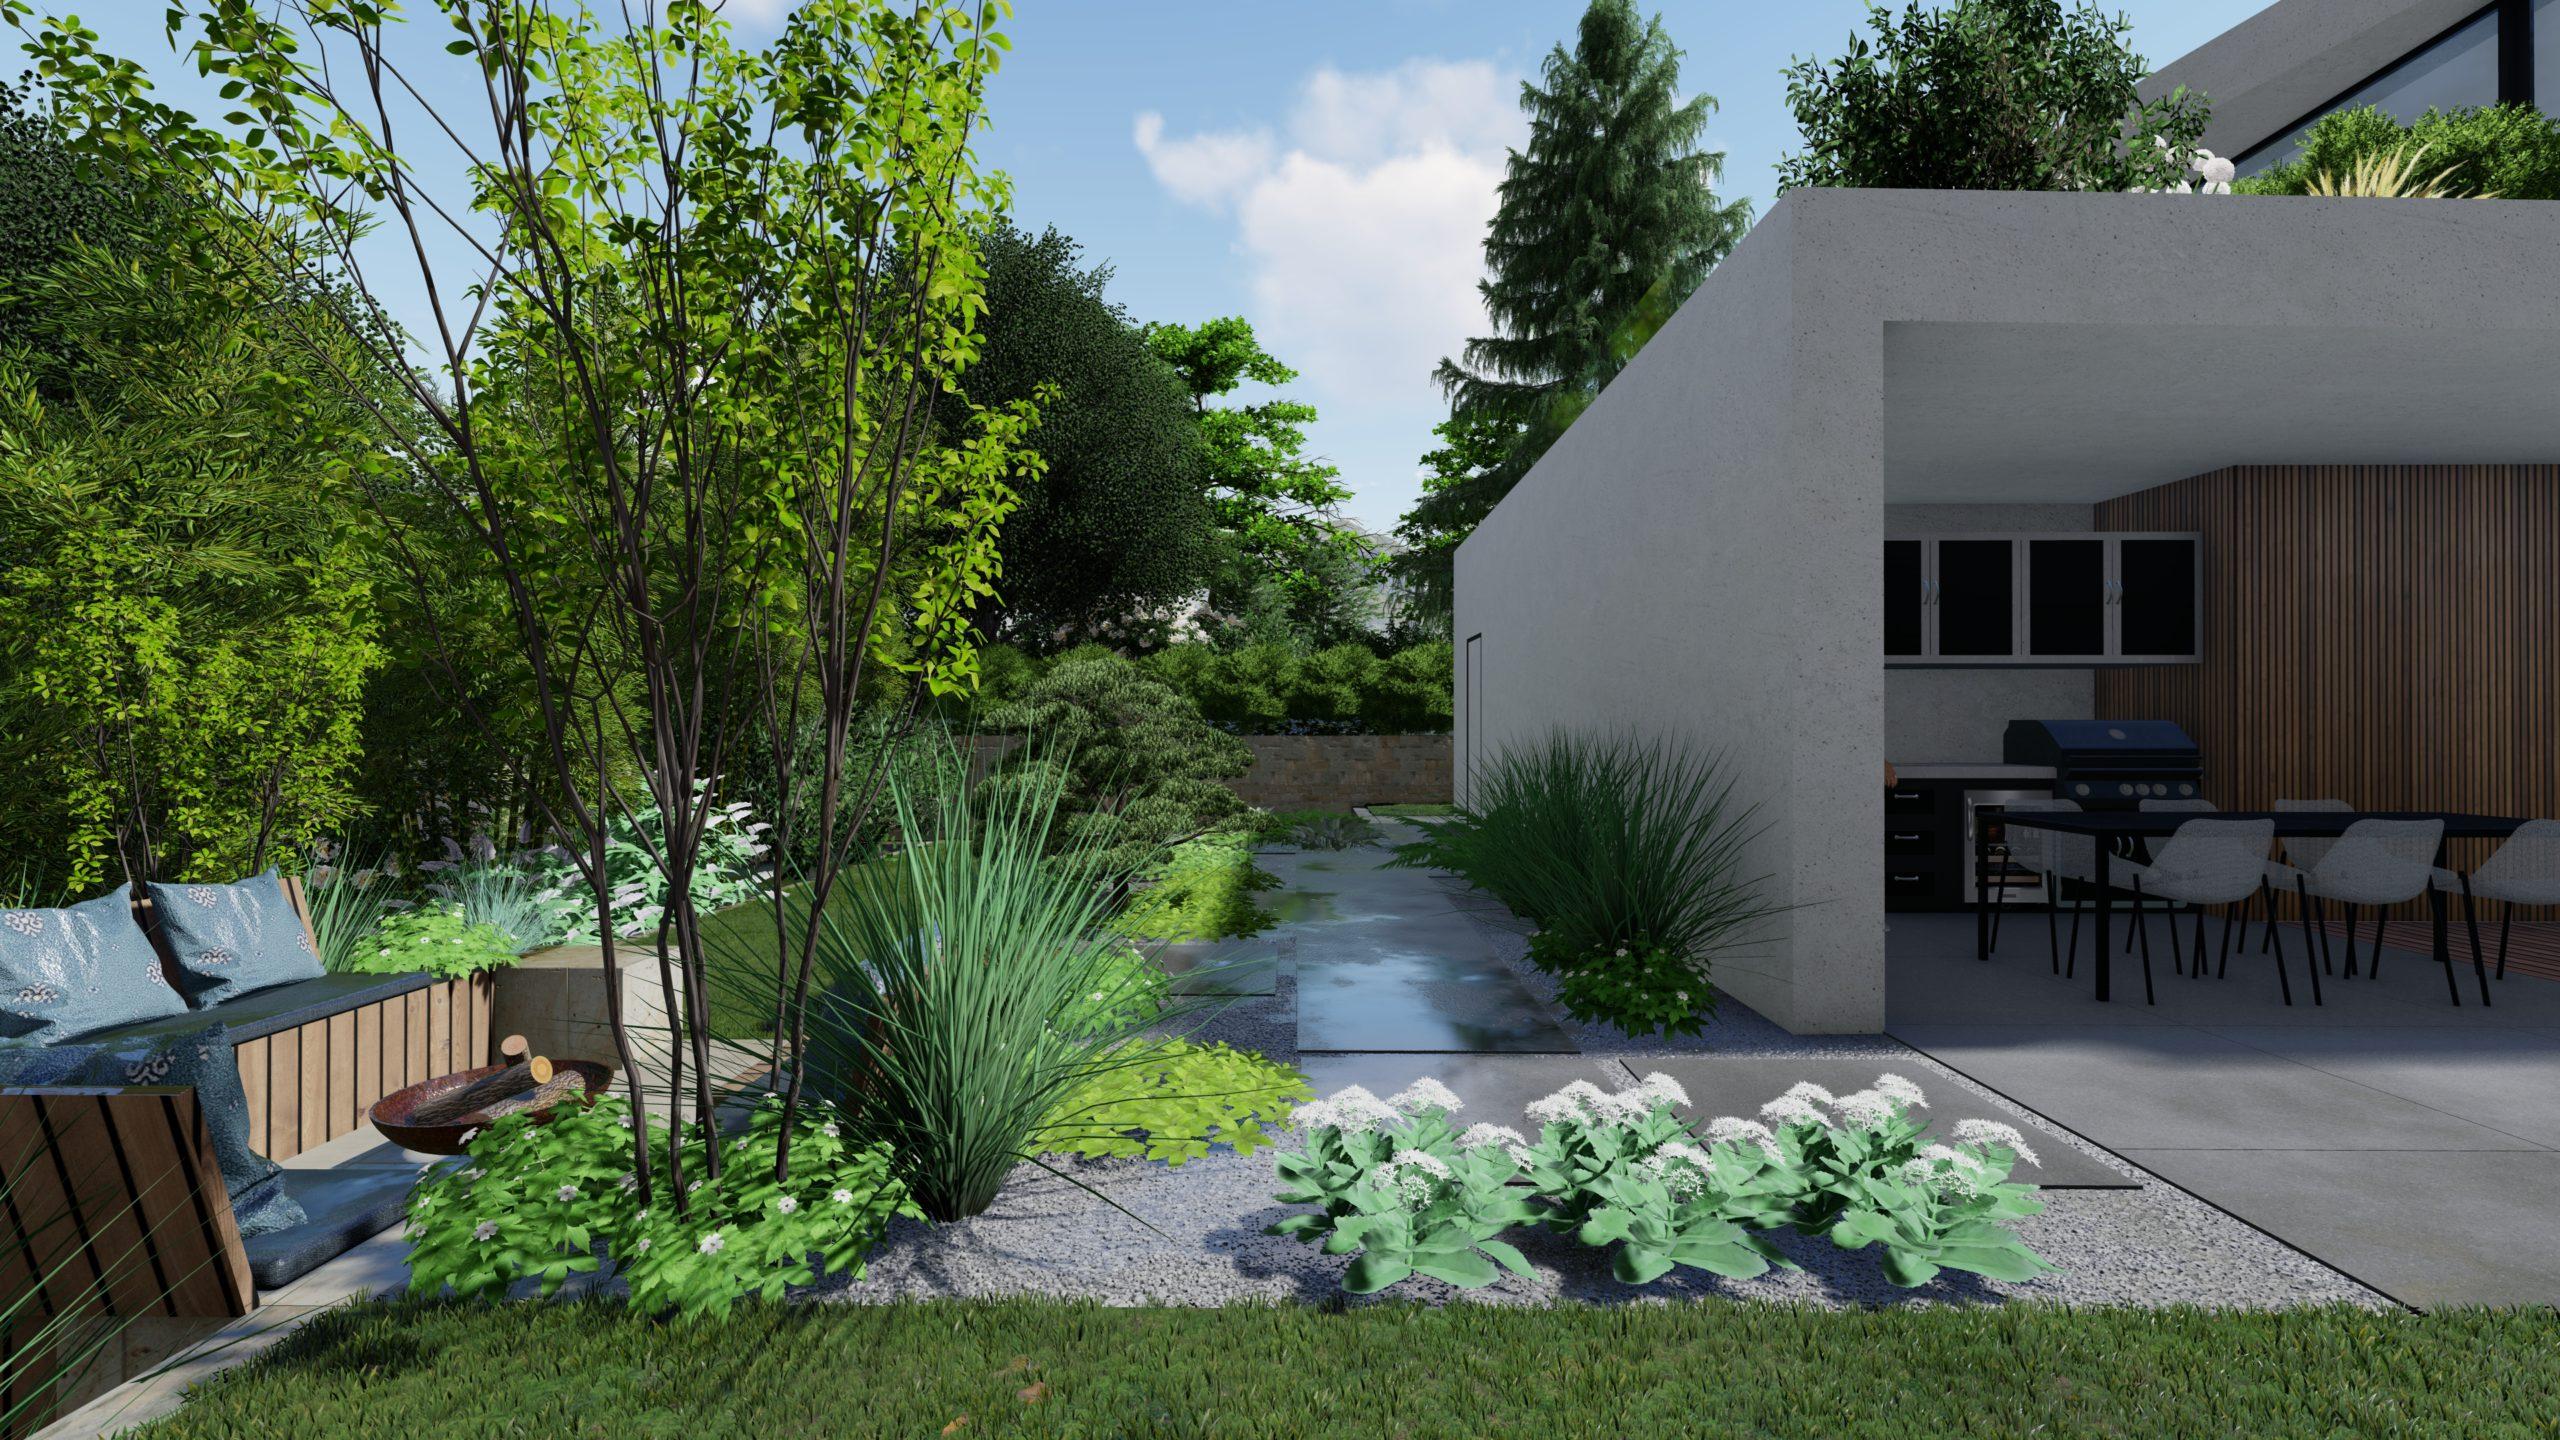 Paysagiste conception 3d Mulhouse